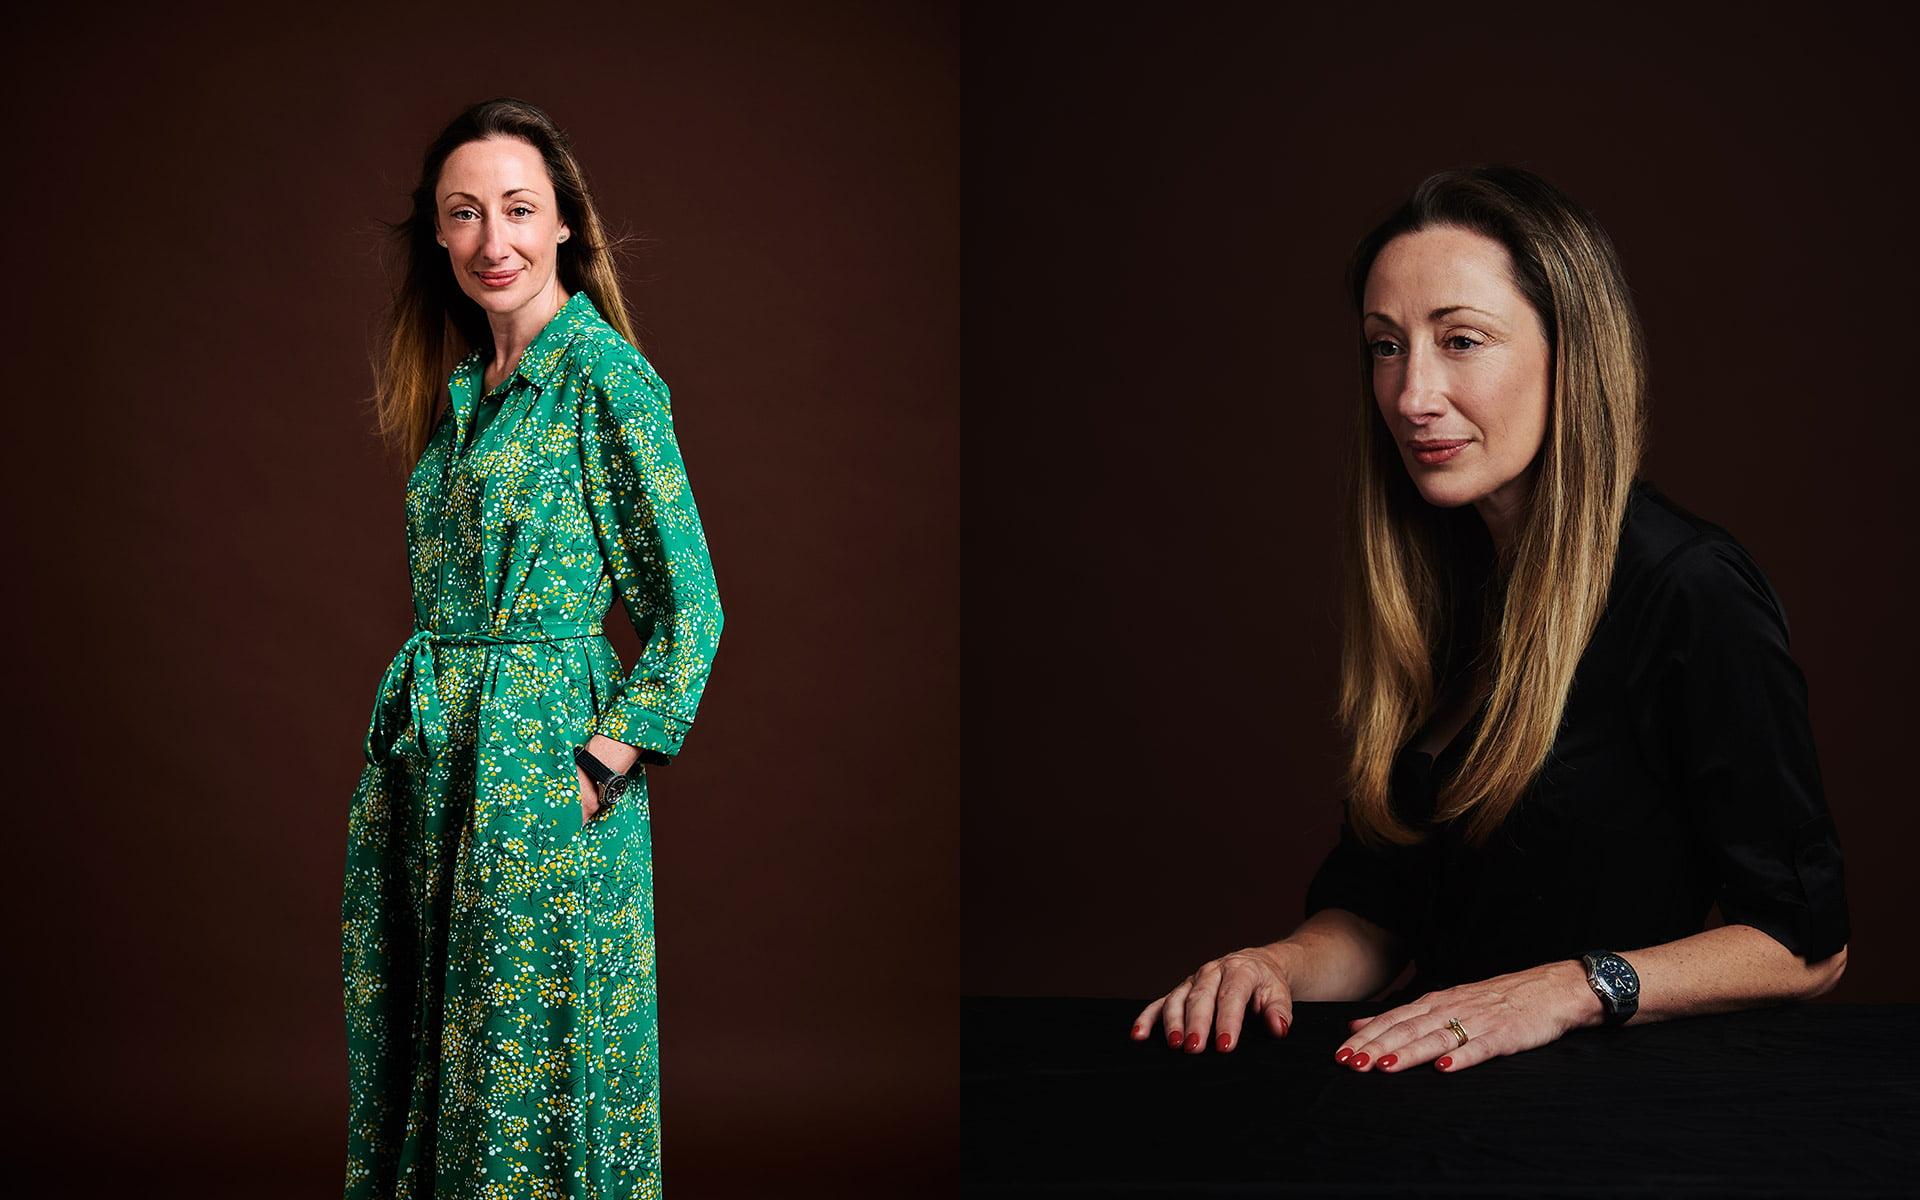 brighton editorial portrait photographer